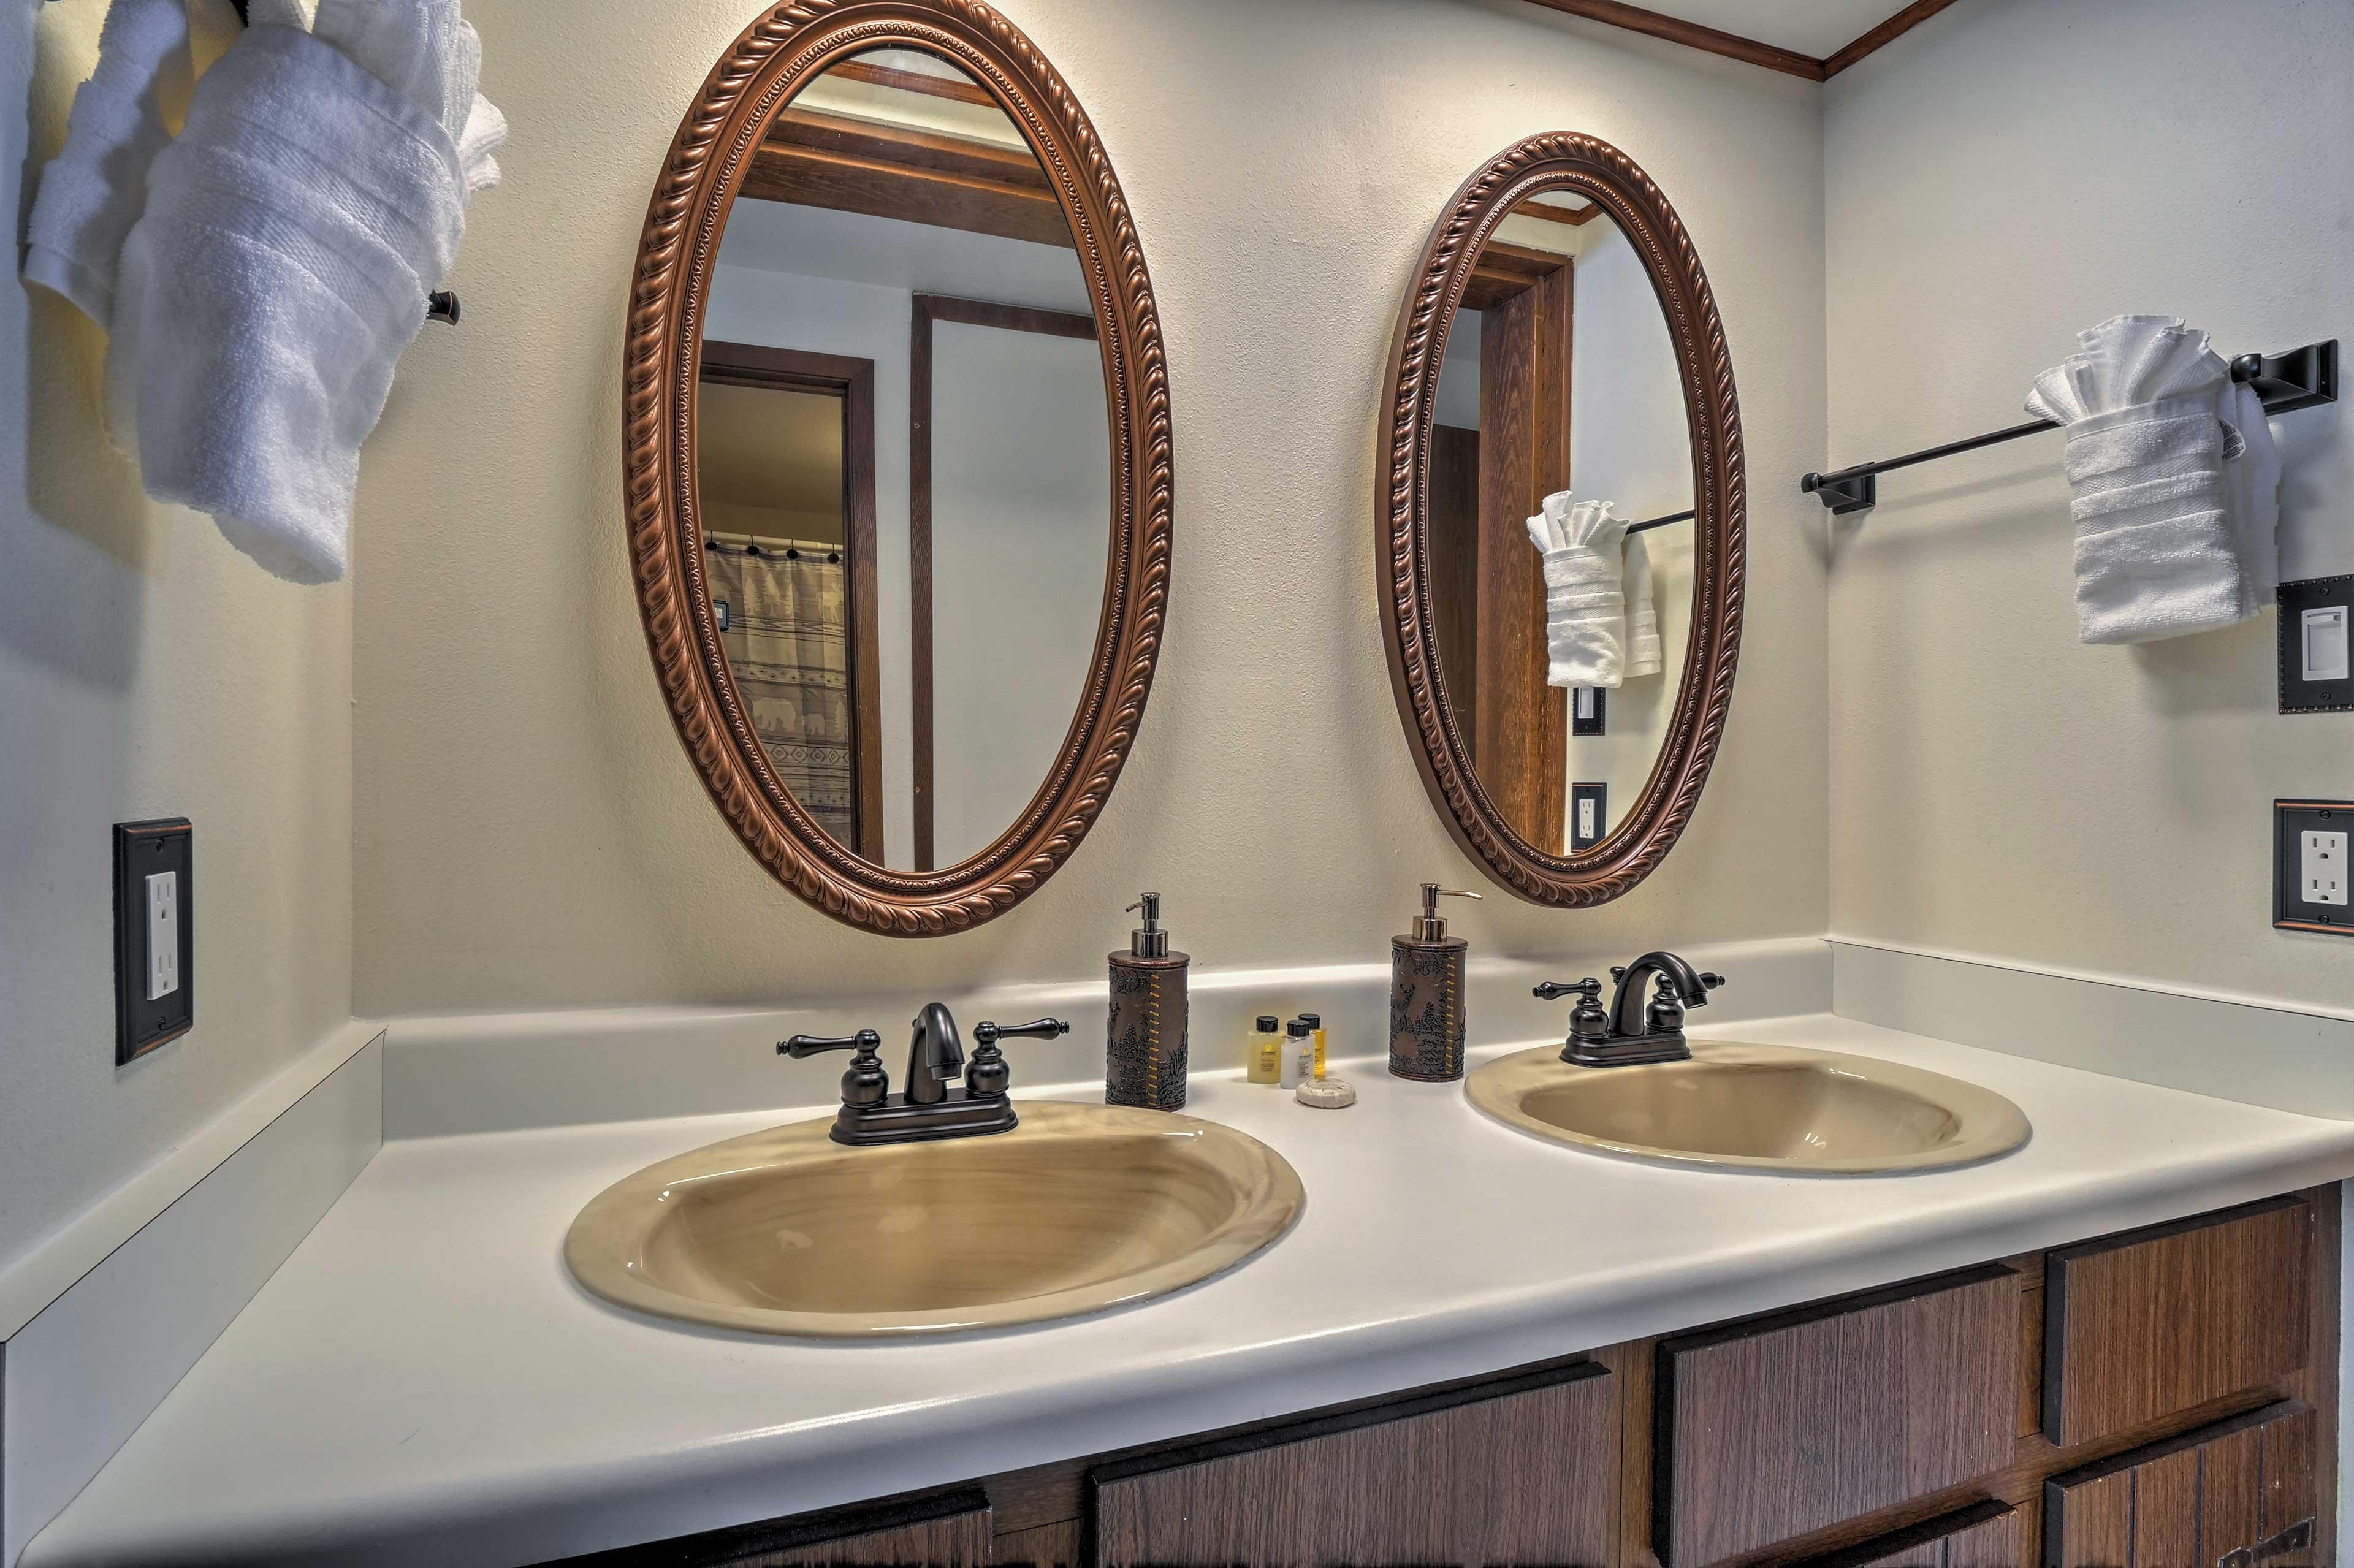 The en-suite master bath features a double vanity.